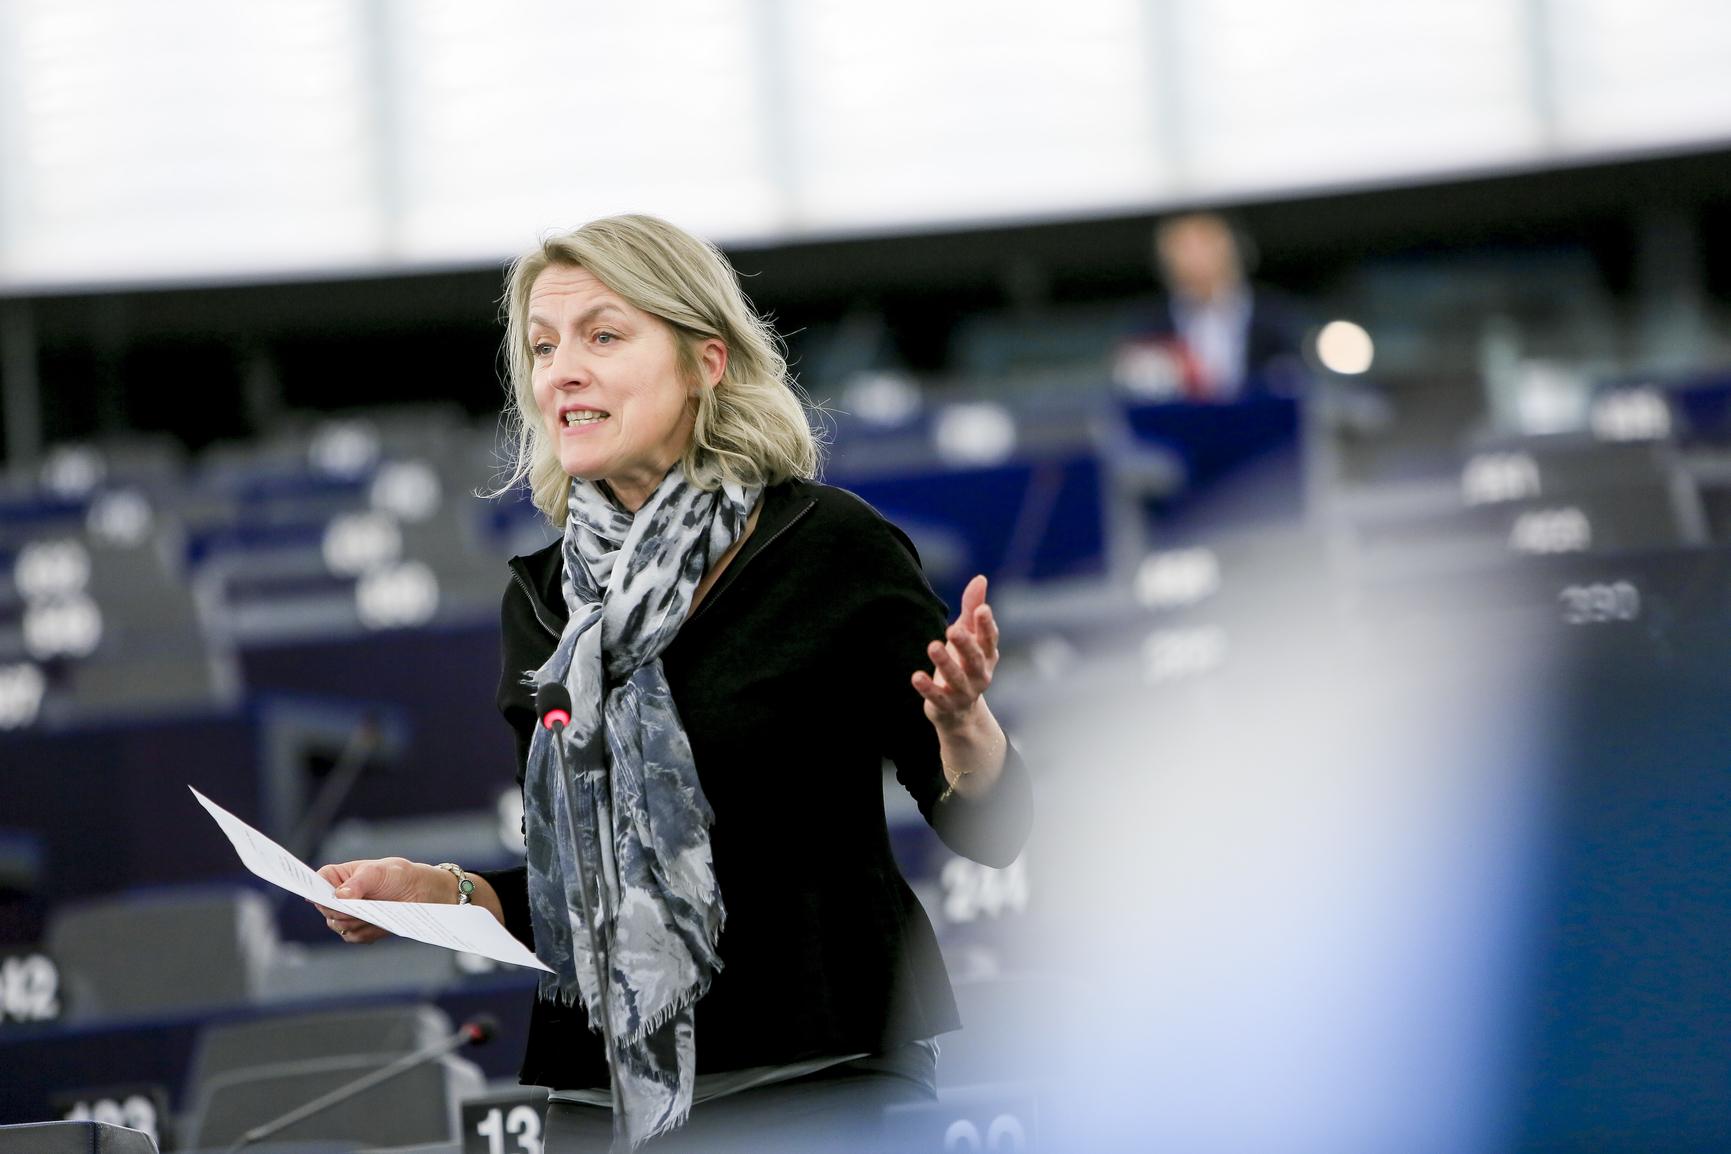 مسئولة أوروبية تطالب السعودية بالإفراج عن الناشطات المعتقلات ووقف تمييزها ضد النساء